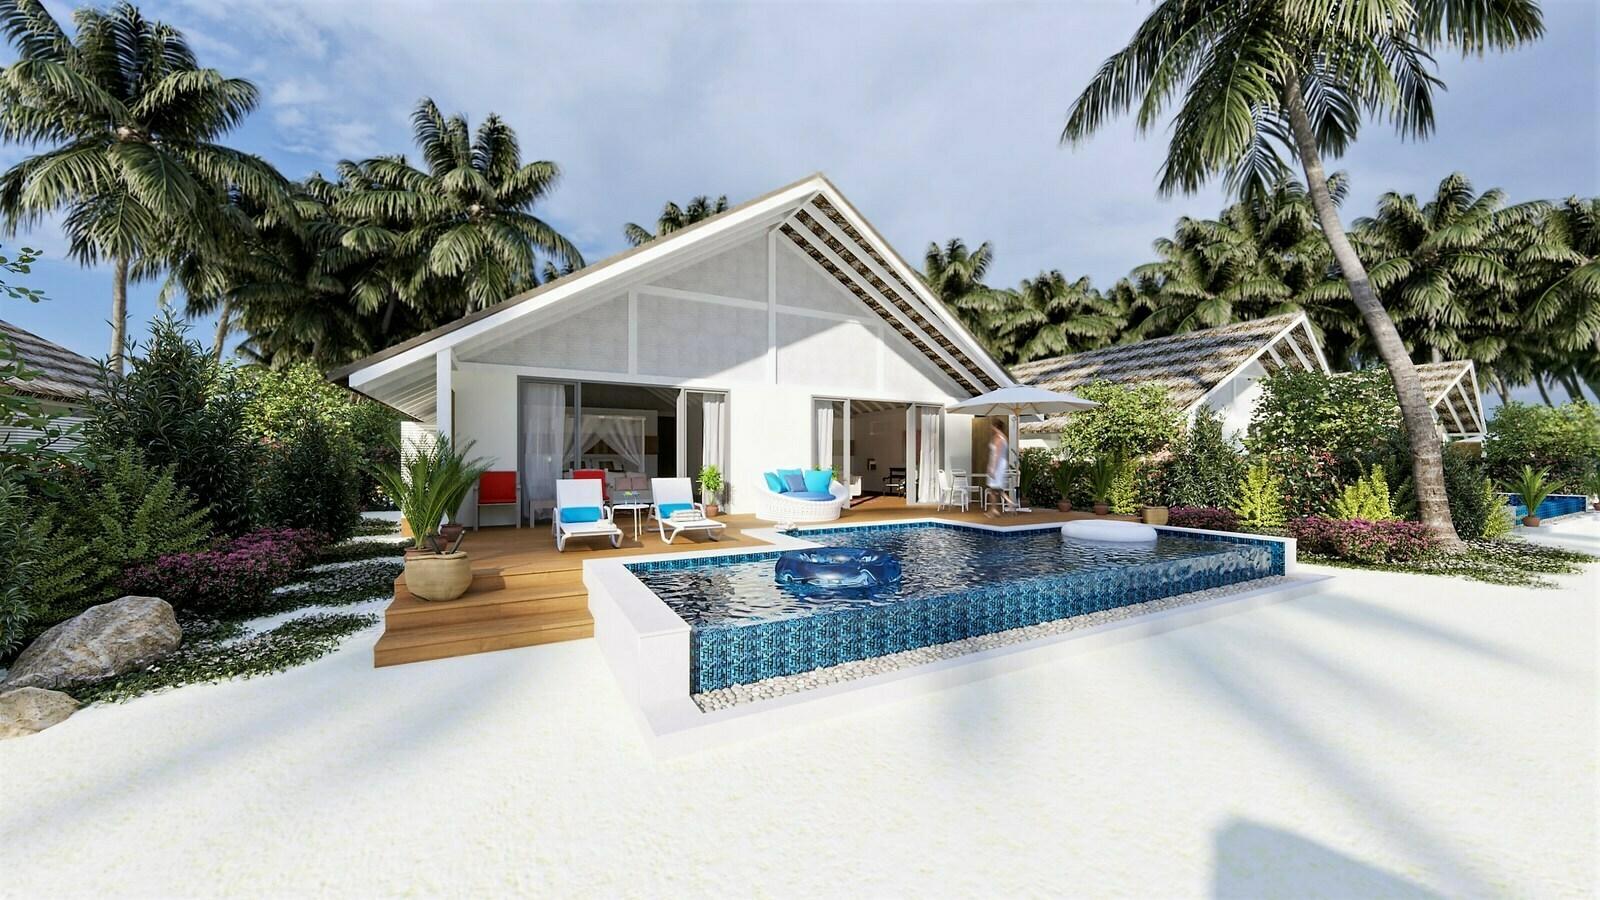 Мальдивы, отель Cora Cora Maldives, номер Two Bedroom Family Beach Pool Villa